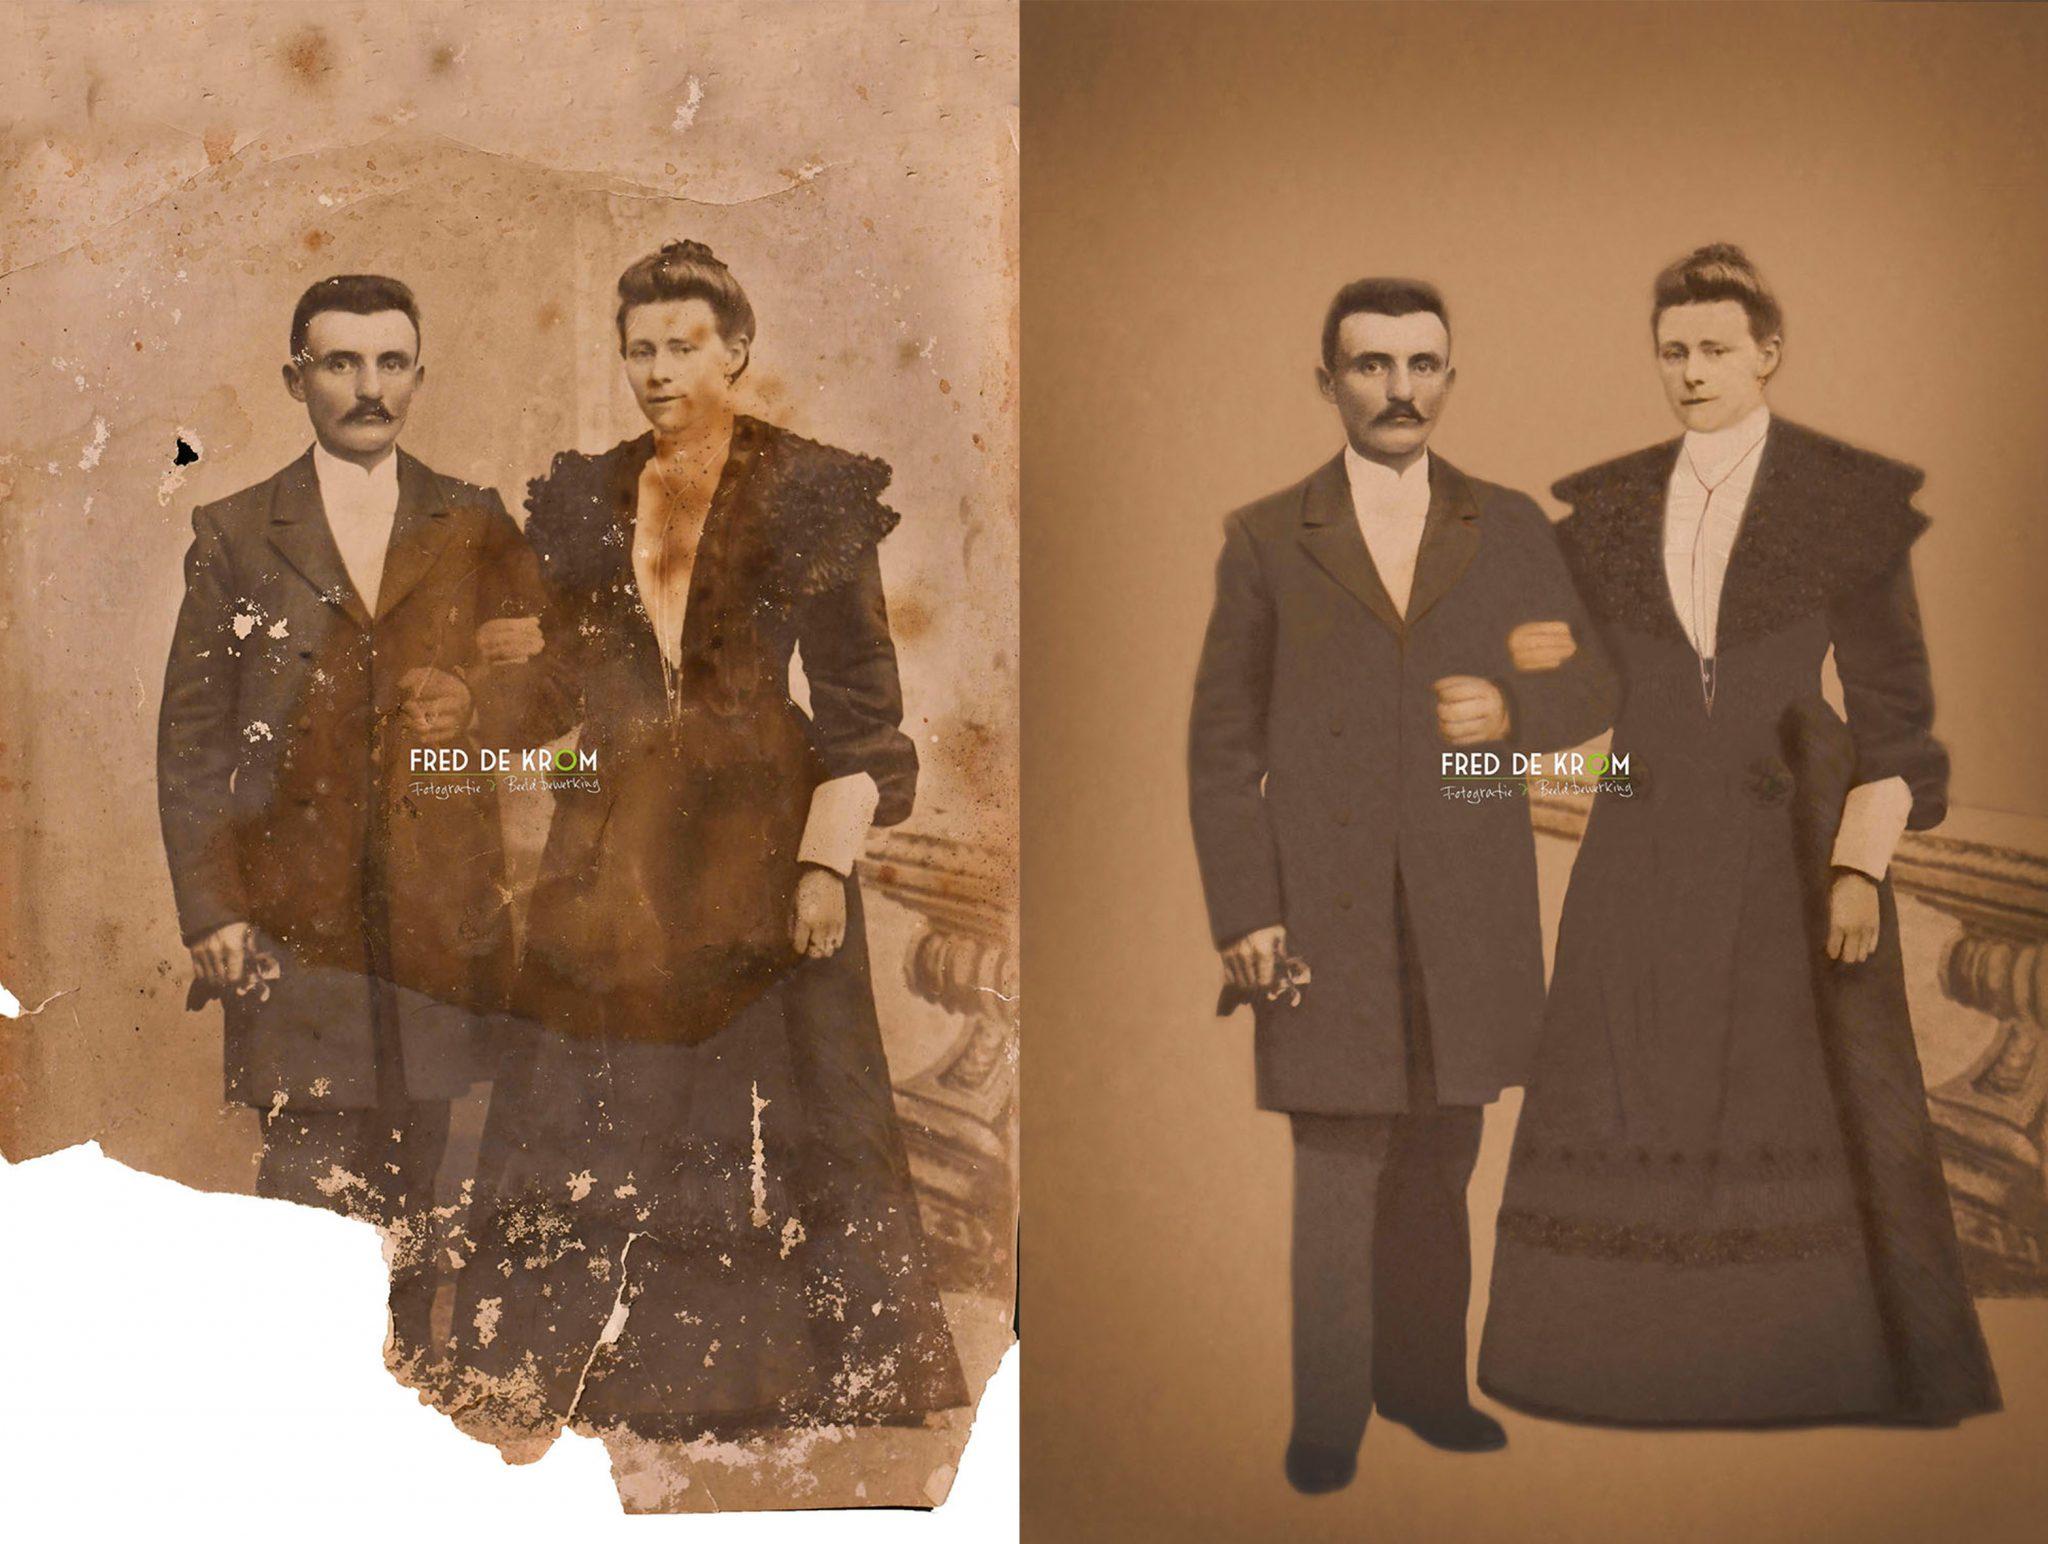 Foto restauratie_uw oude foto's weer als nieuw_herstel van uw oude en beschadigde foto's